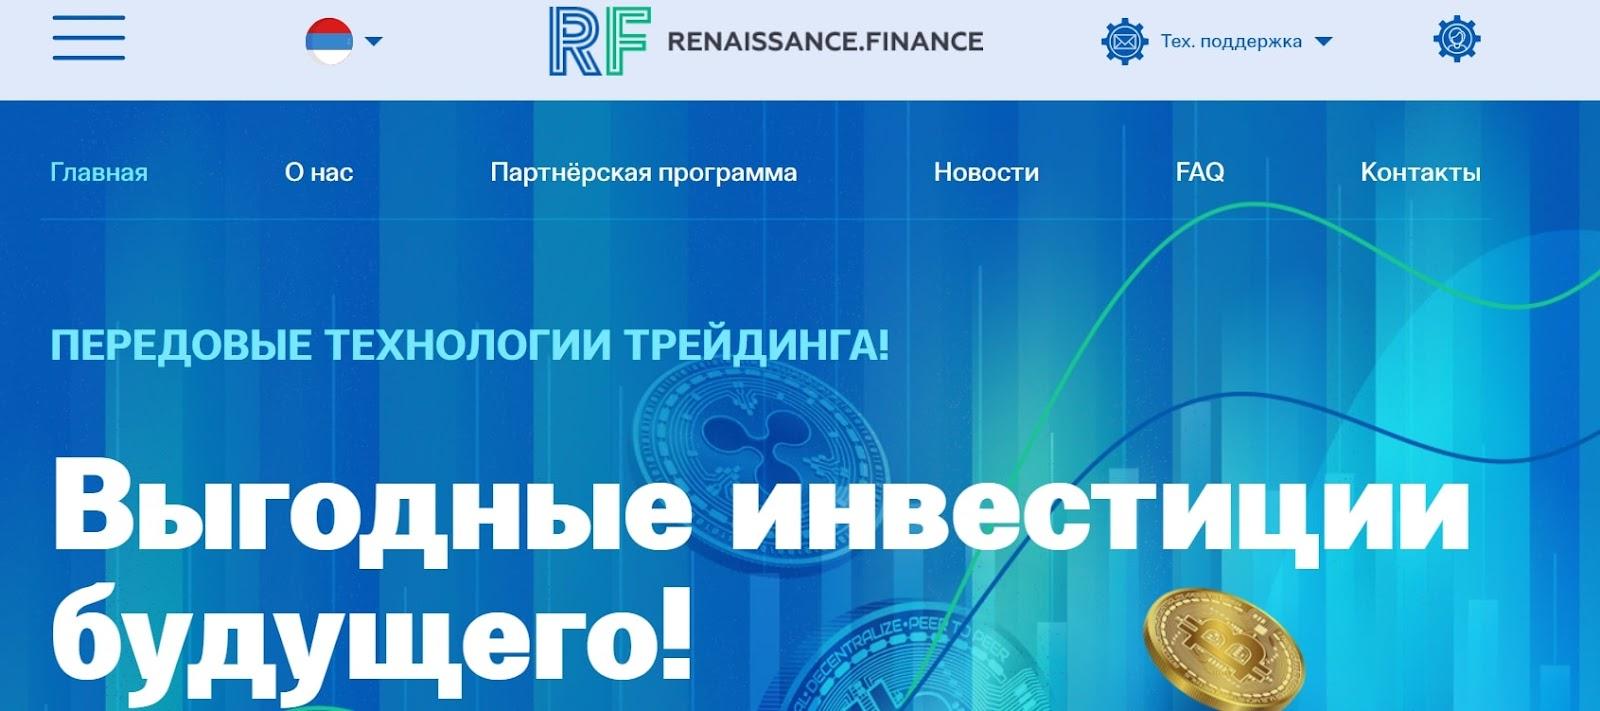 Отзывы о RENAISSANCE.FINANCE: стоит ли инвестировать? реальные отзывы